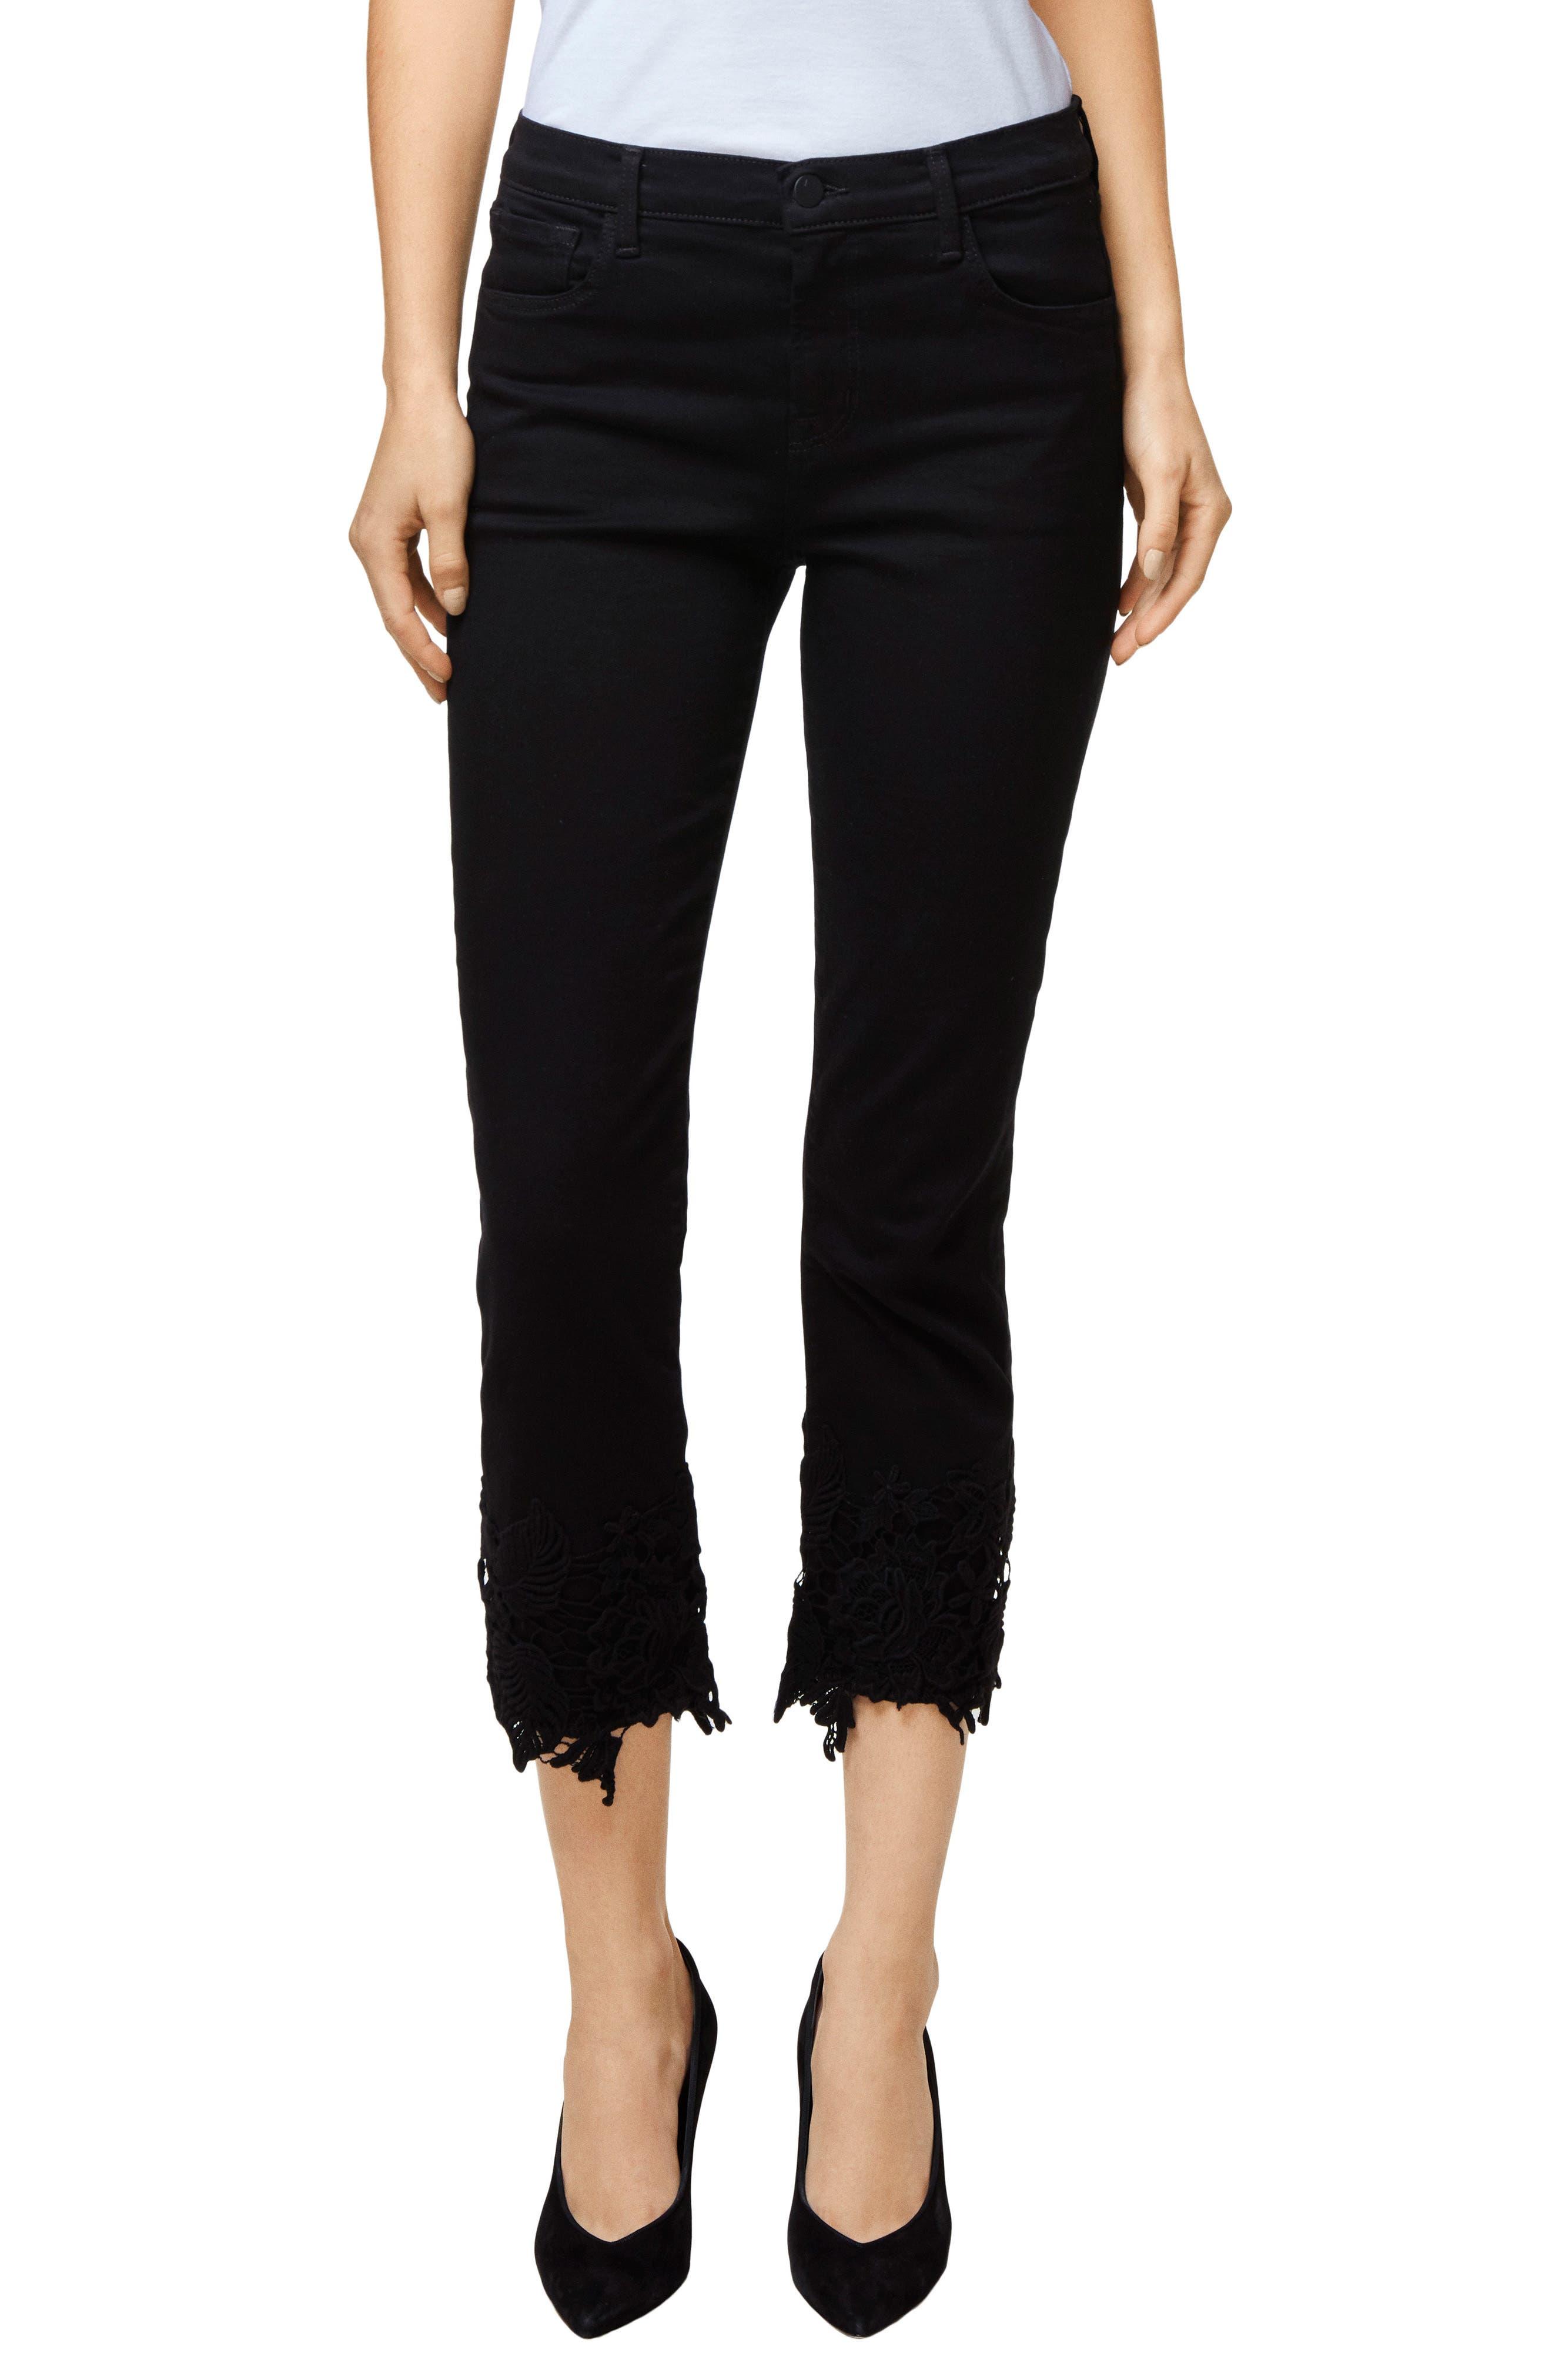 Ruby High Waist Crop Cigarette Jeans,                         Main,                         color, Black Lace